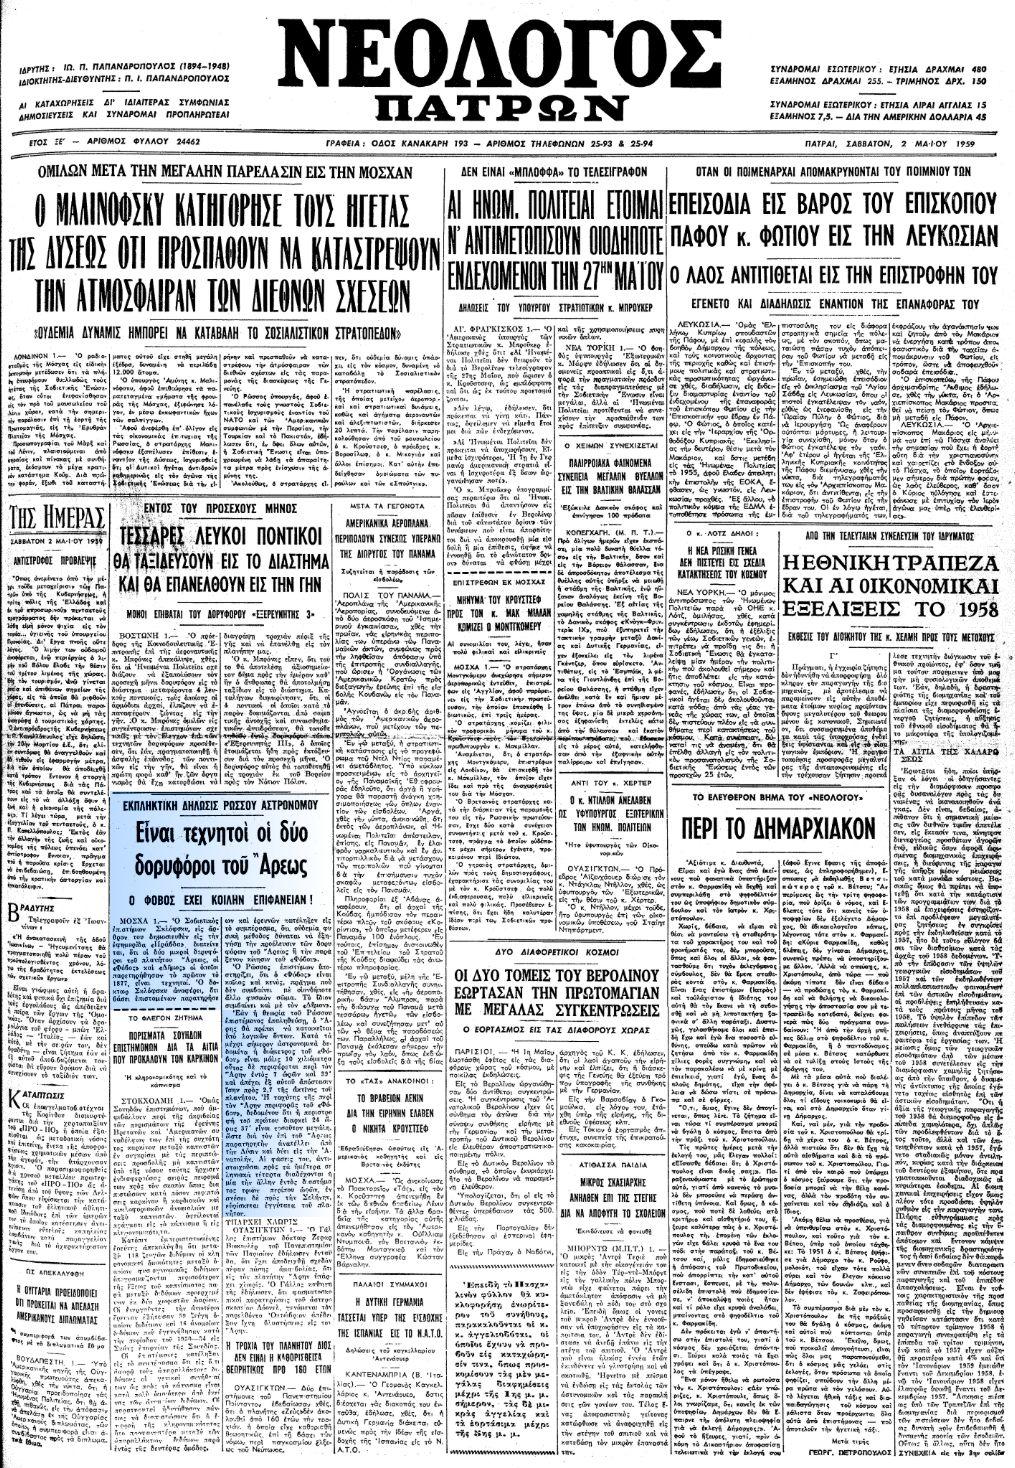 """Το άρθρο, όπως δημοσιεύθηκε στην εφημερίδα """"ΝΕΟΛΟΓΟΣ ΠΑΤΡΩΝ"""", στις 02/05/1959"""